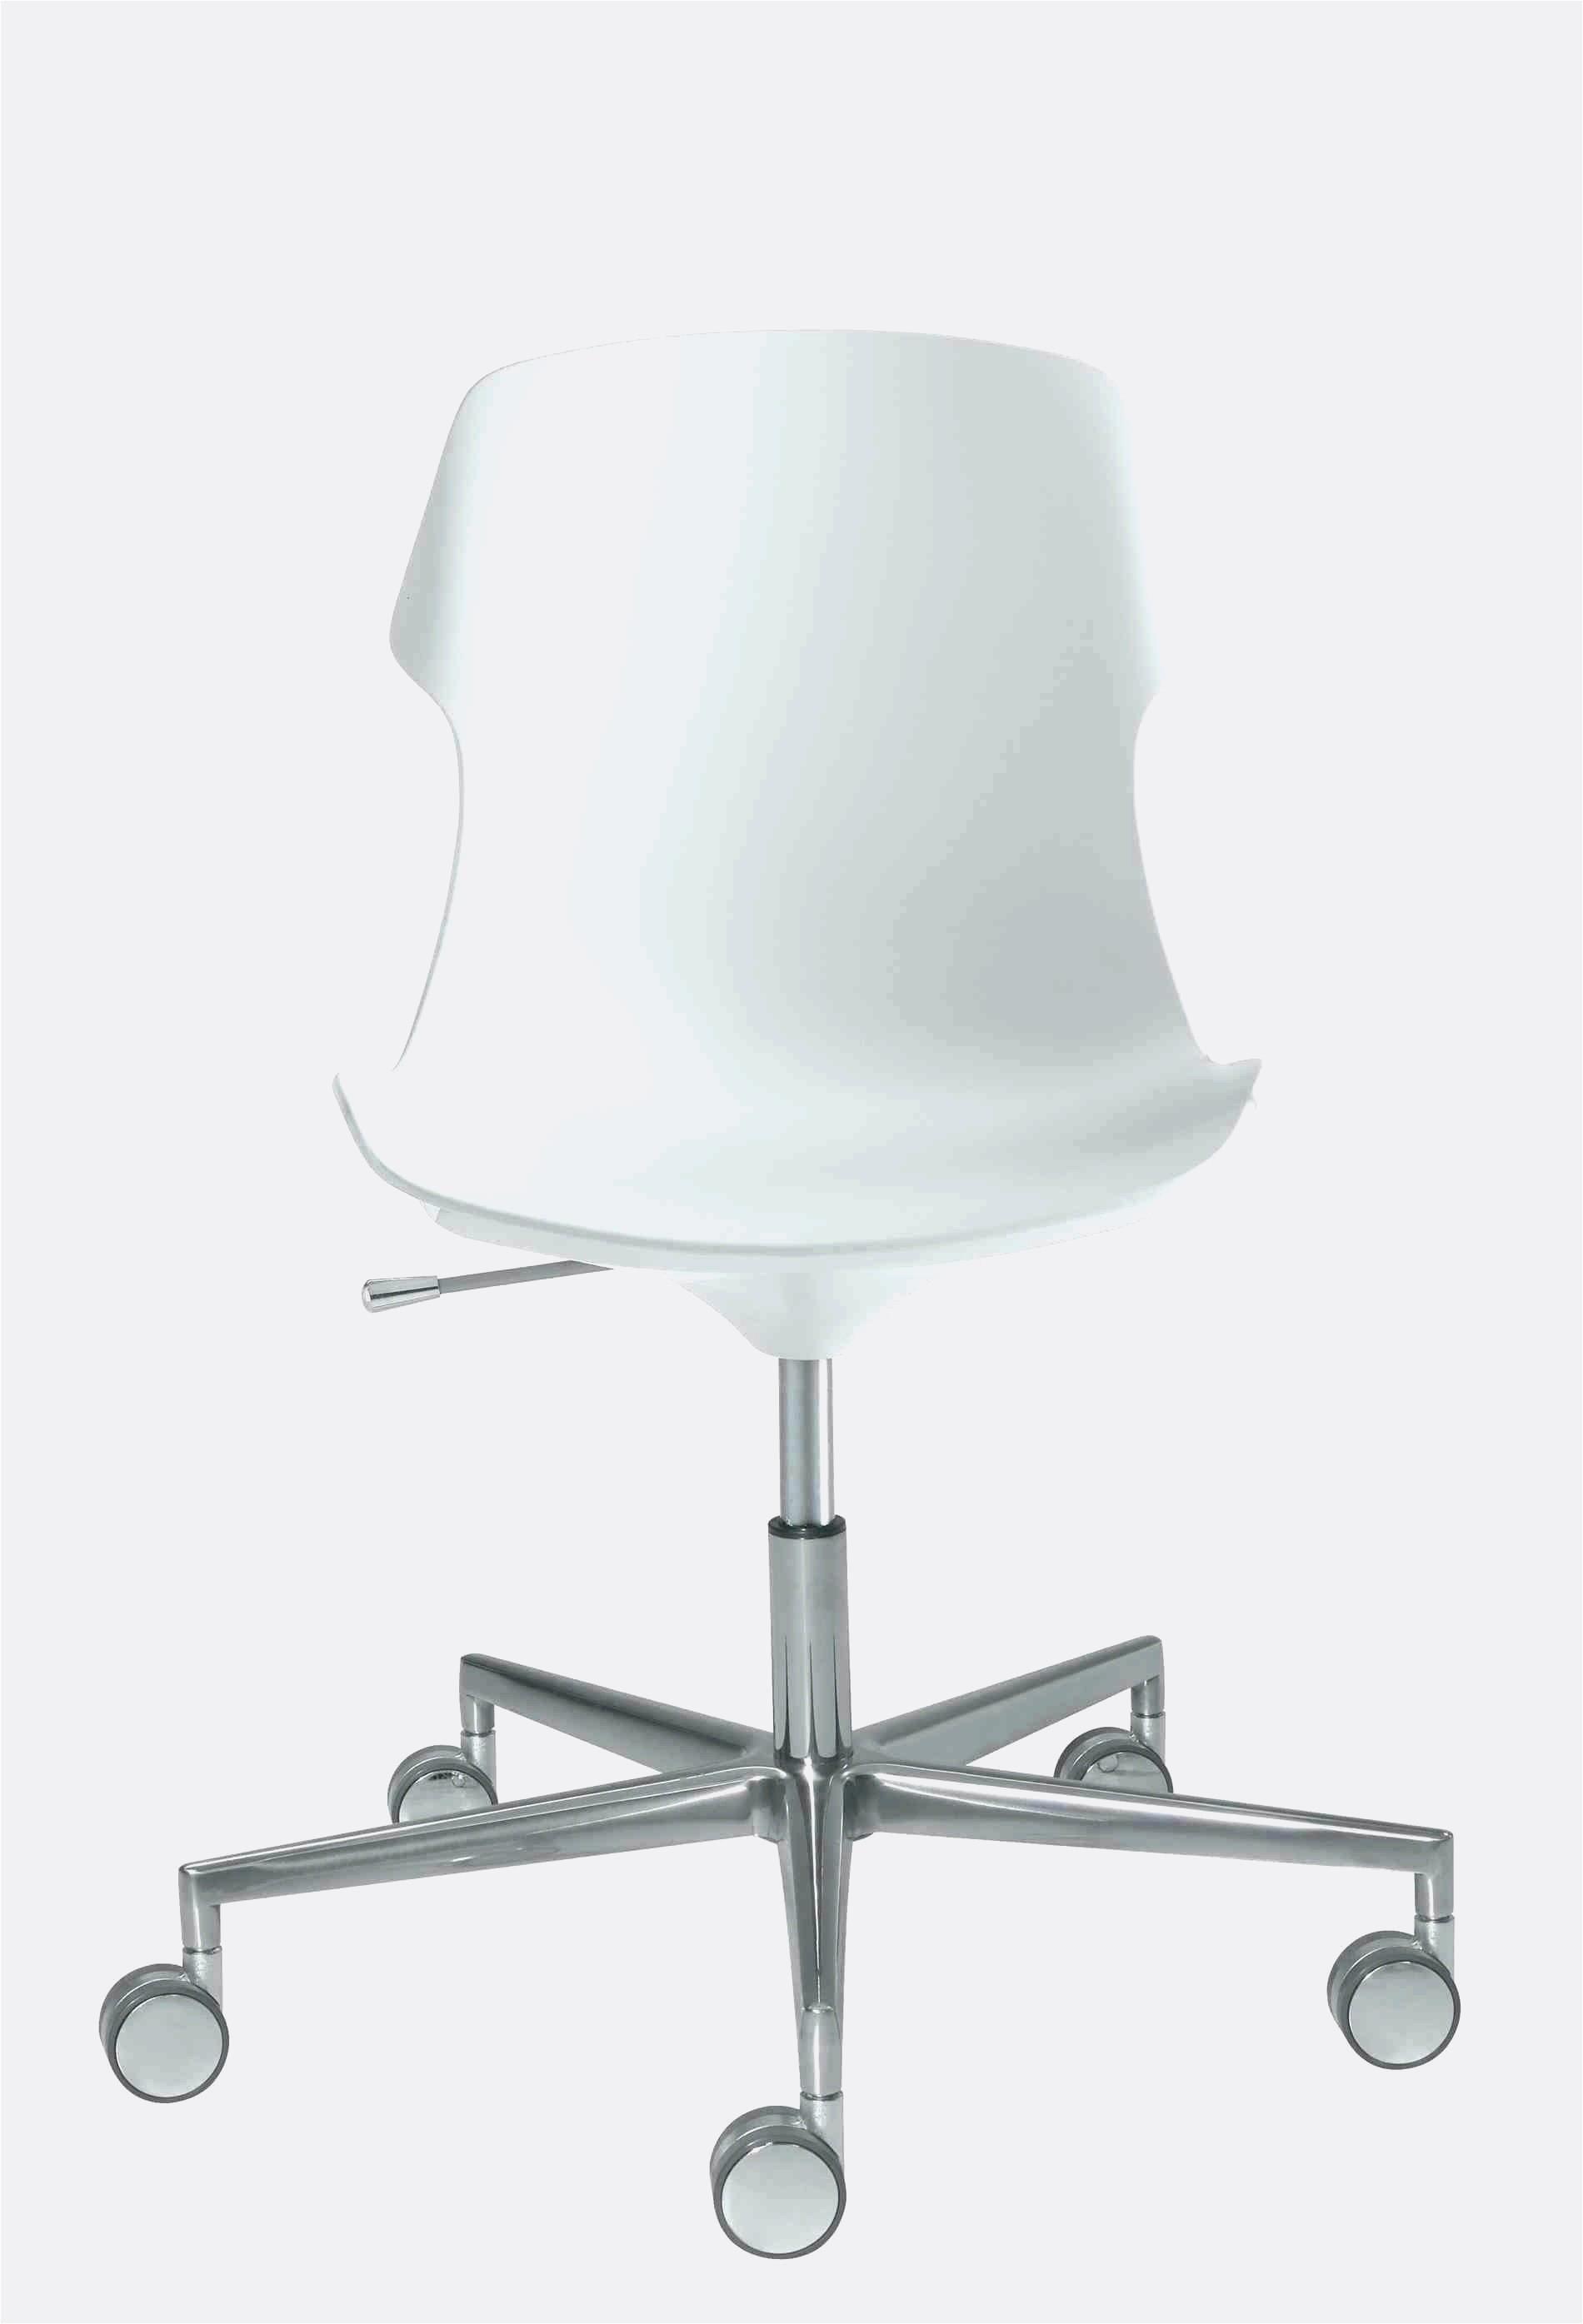 Meuble De Rangement Wc Meuble Rangement Papier Interieur Distributeur Papier Toilette Ikea Agencecormierdelauniere Com Agencecormierdelauniere Com